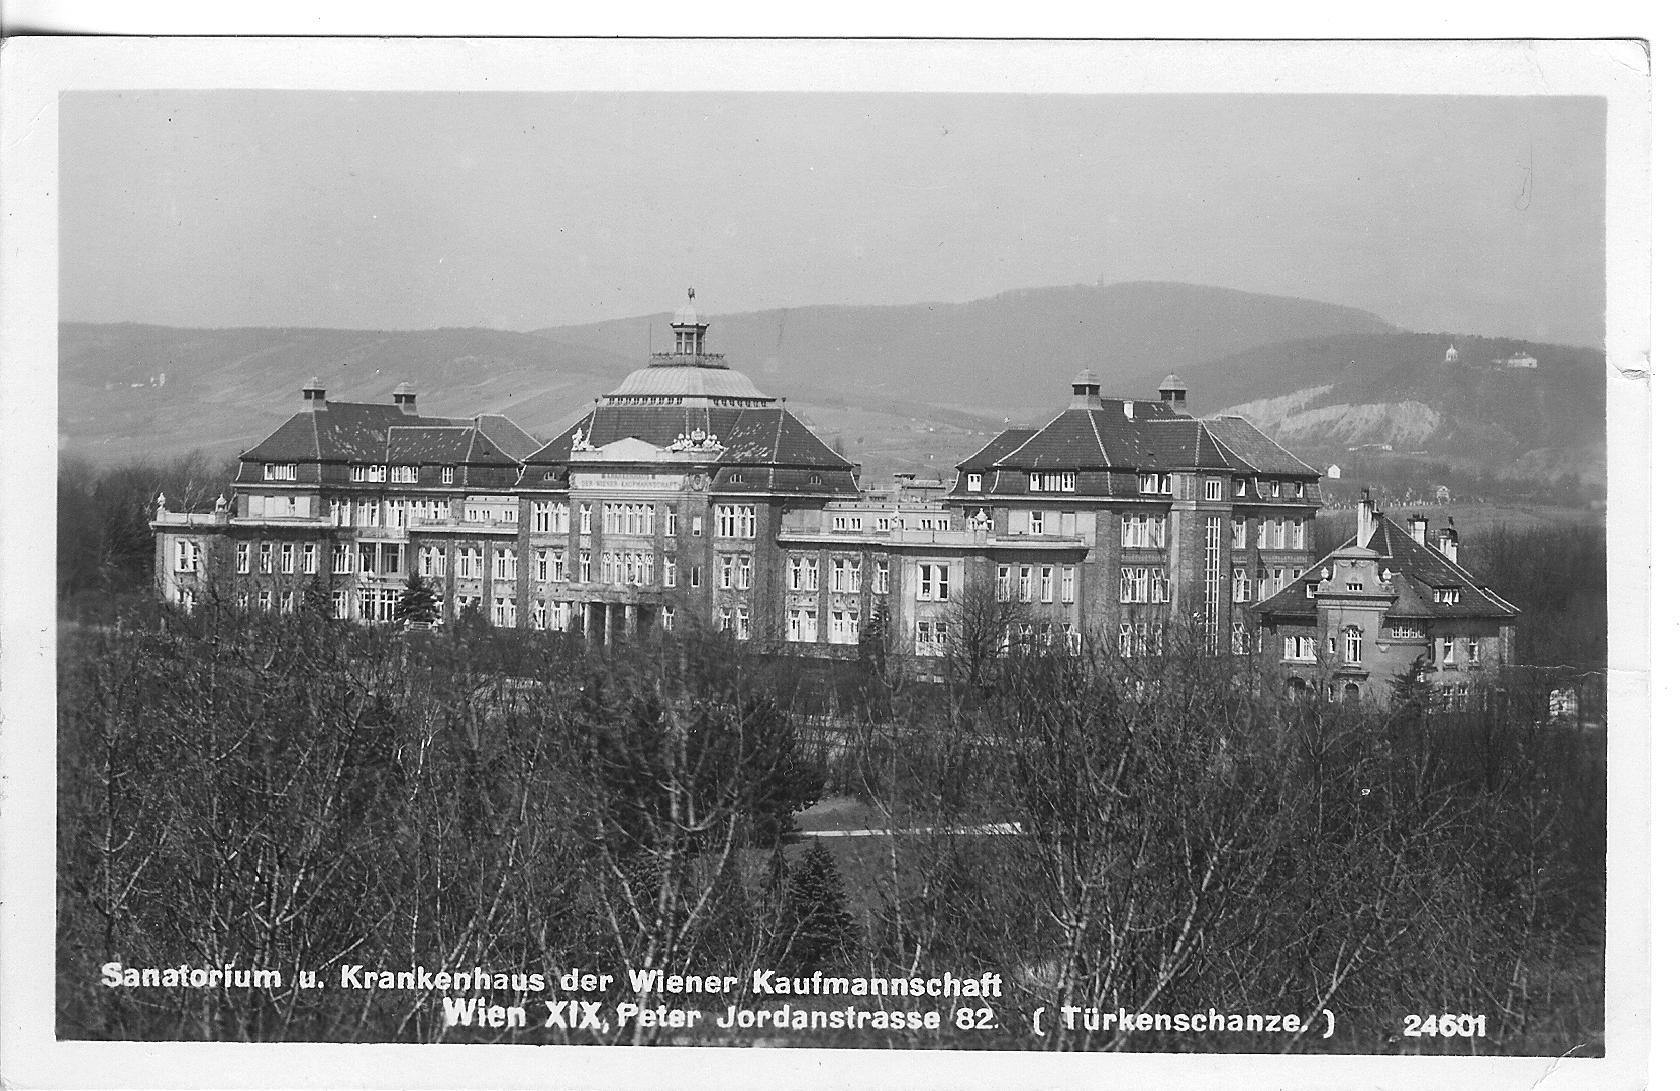 1930: Sanatorium und Krankenhaus